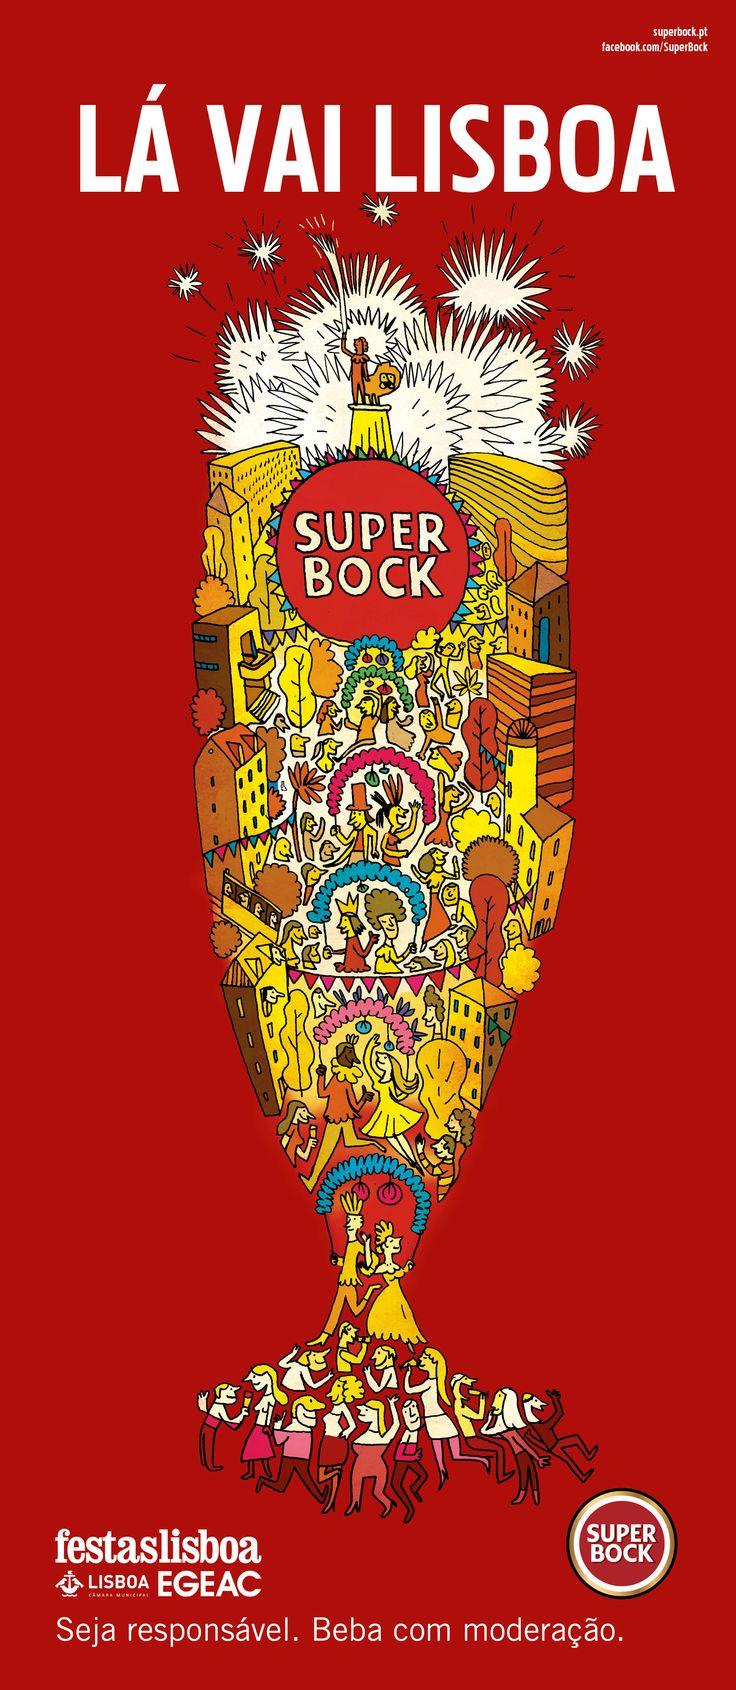 Santo António, Super Bock, Festas de Lisboa, Santos populares ilustração de Bernardo Carvalho